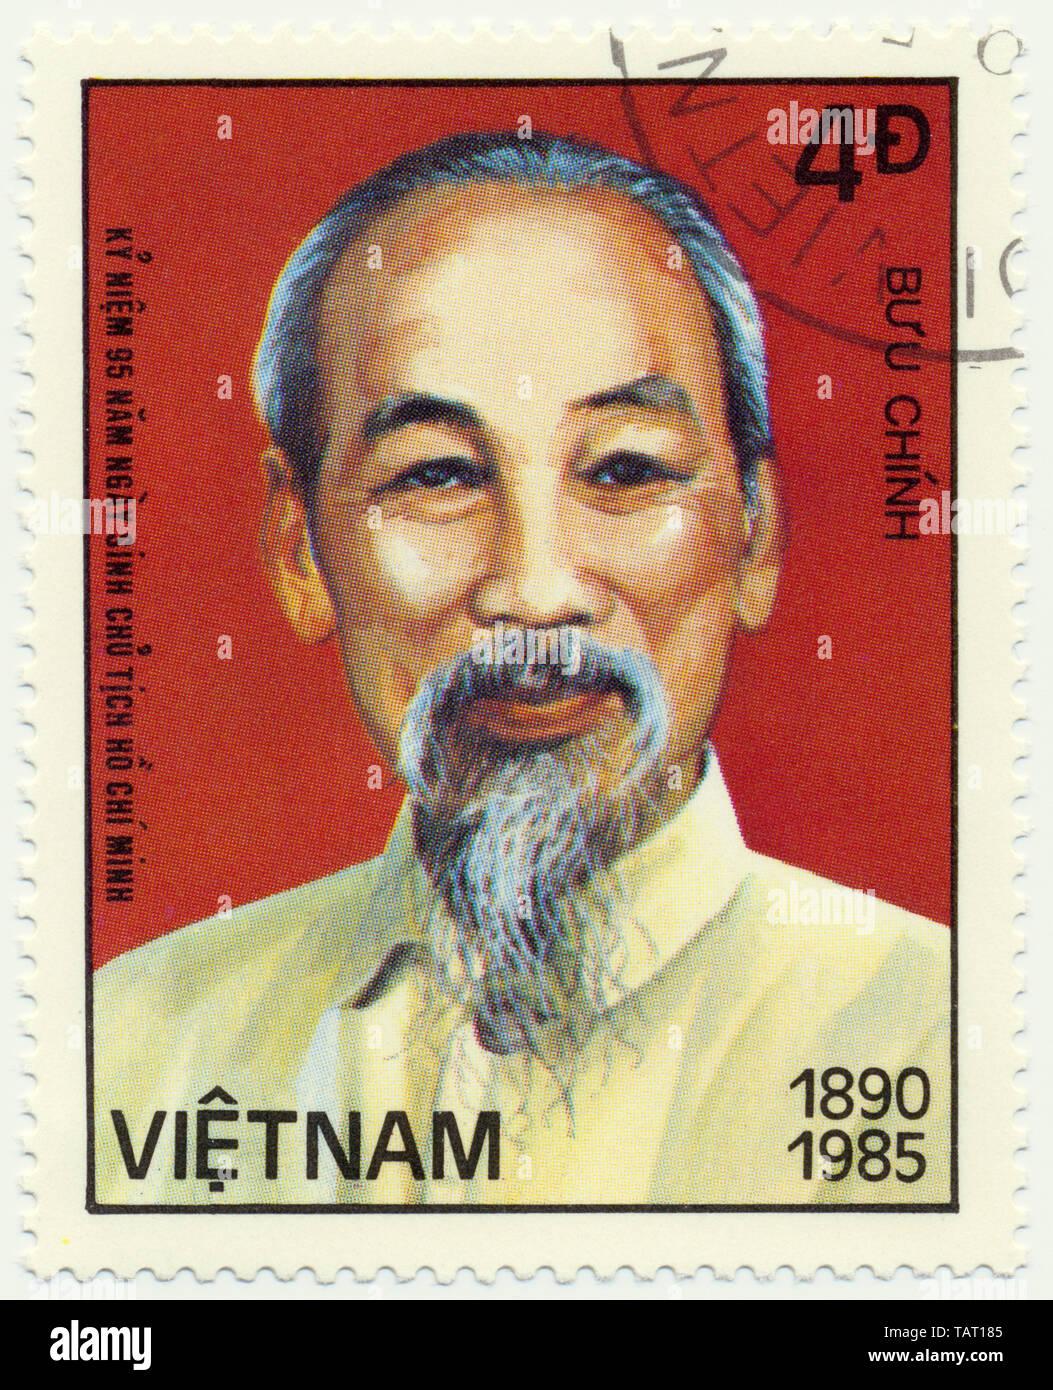 Historic postage stamps from Vietnam, Historische Briefmarken aus Vietnam, Ho Chi Minh, 1985 - Stock Image